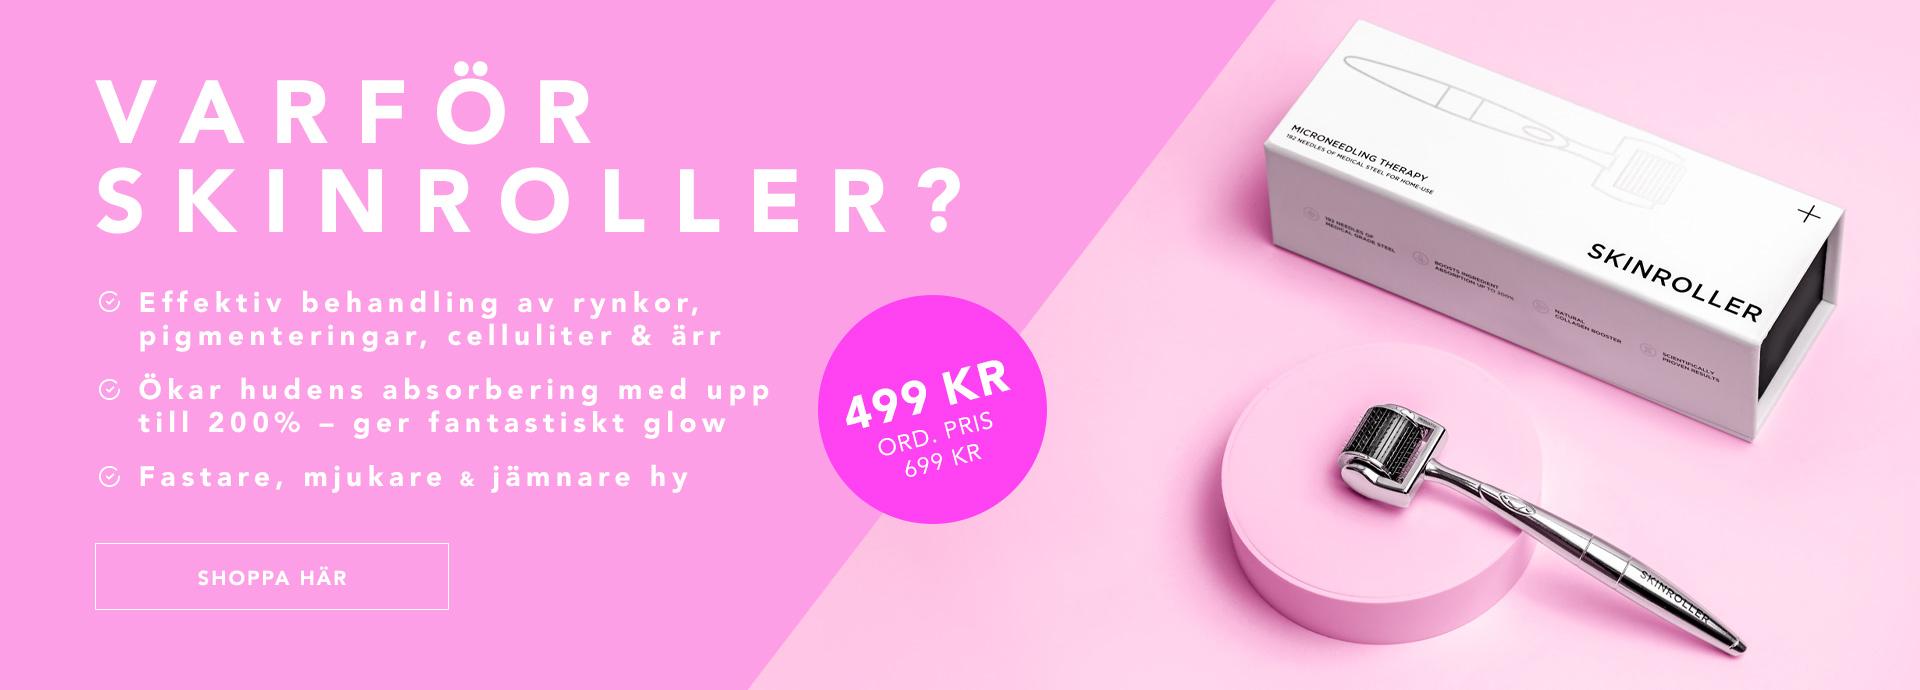 https://www.skinroller.se/image/6066/startsida-hero-silver-DESKTOP.jpg